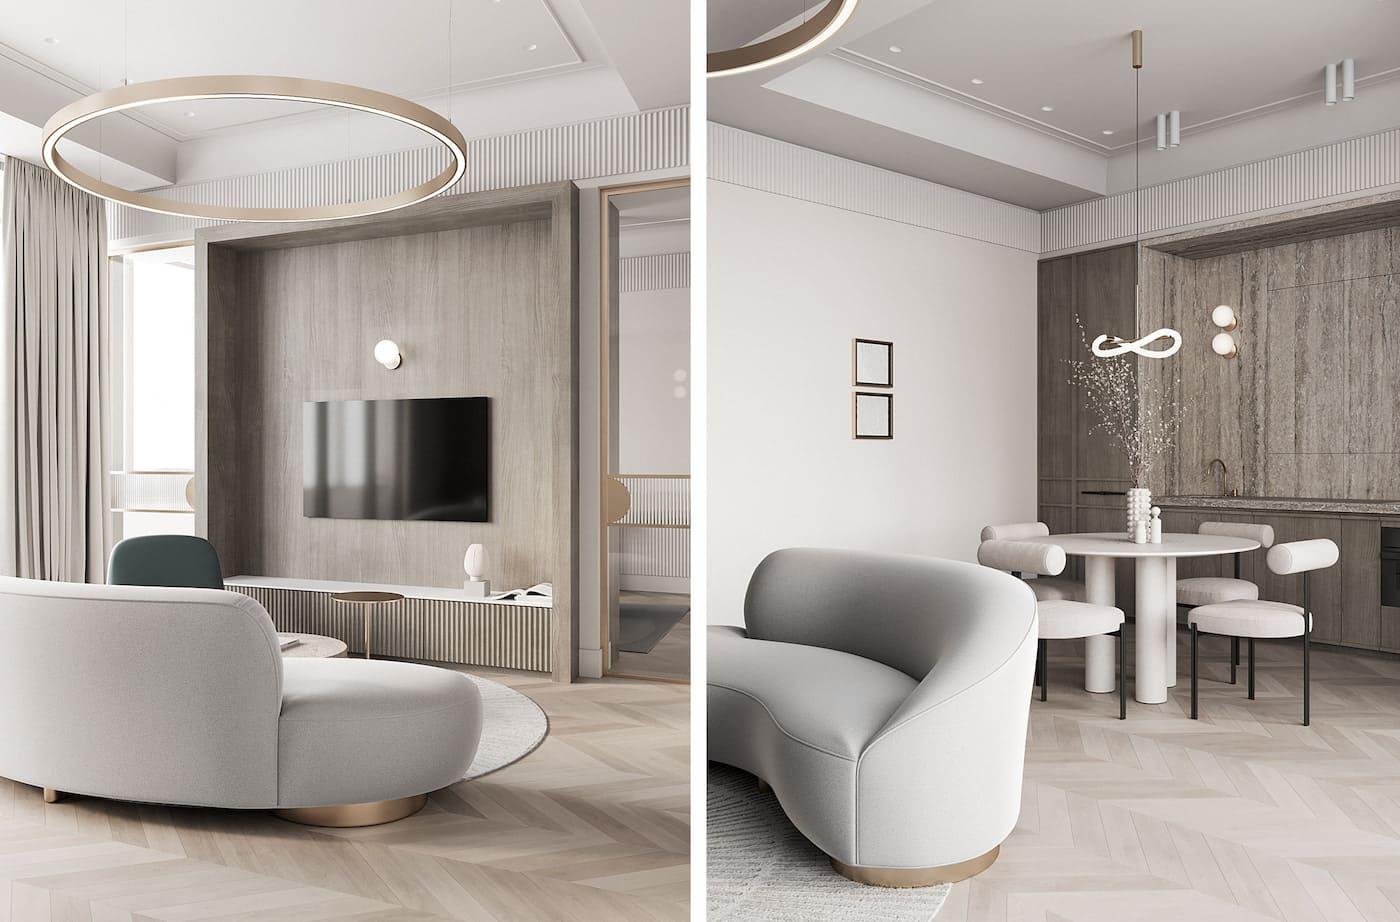 дизайн интерьера гостиной фото 8